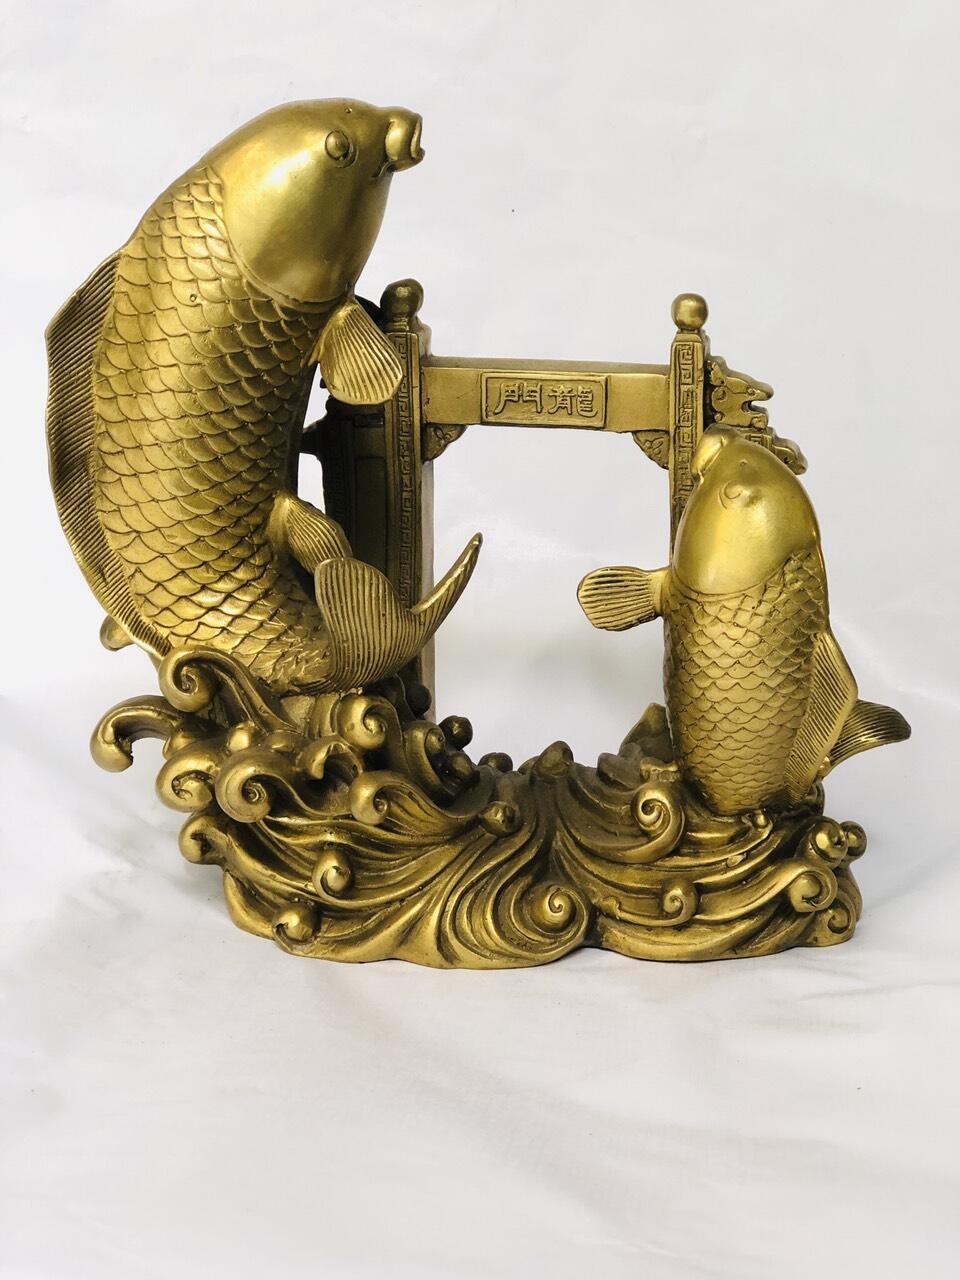 Cá chép vượt vũ môn bằng đồng phong thủy